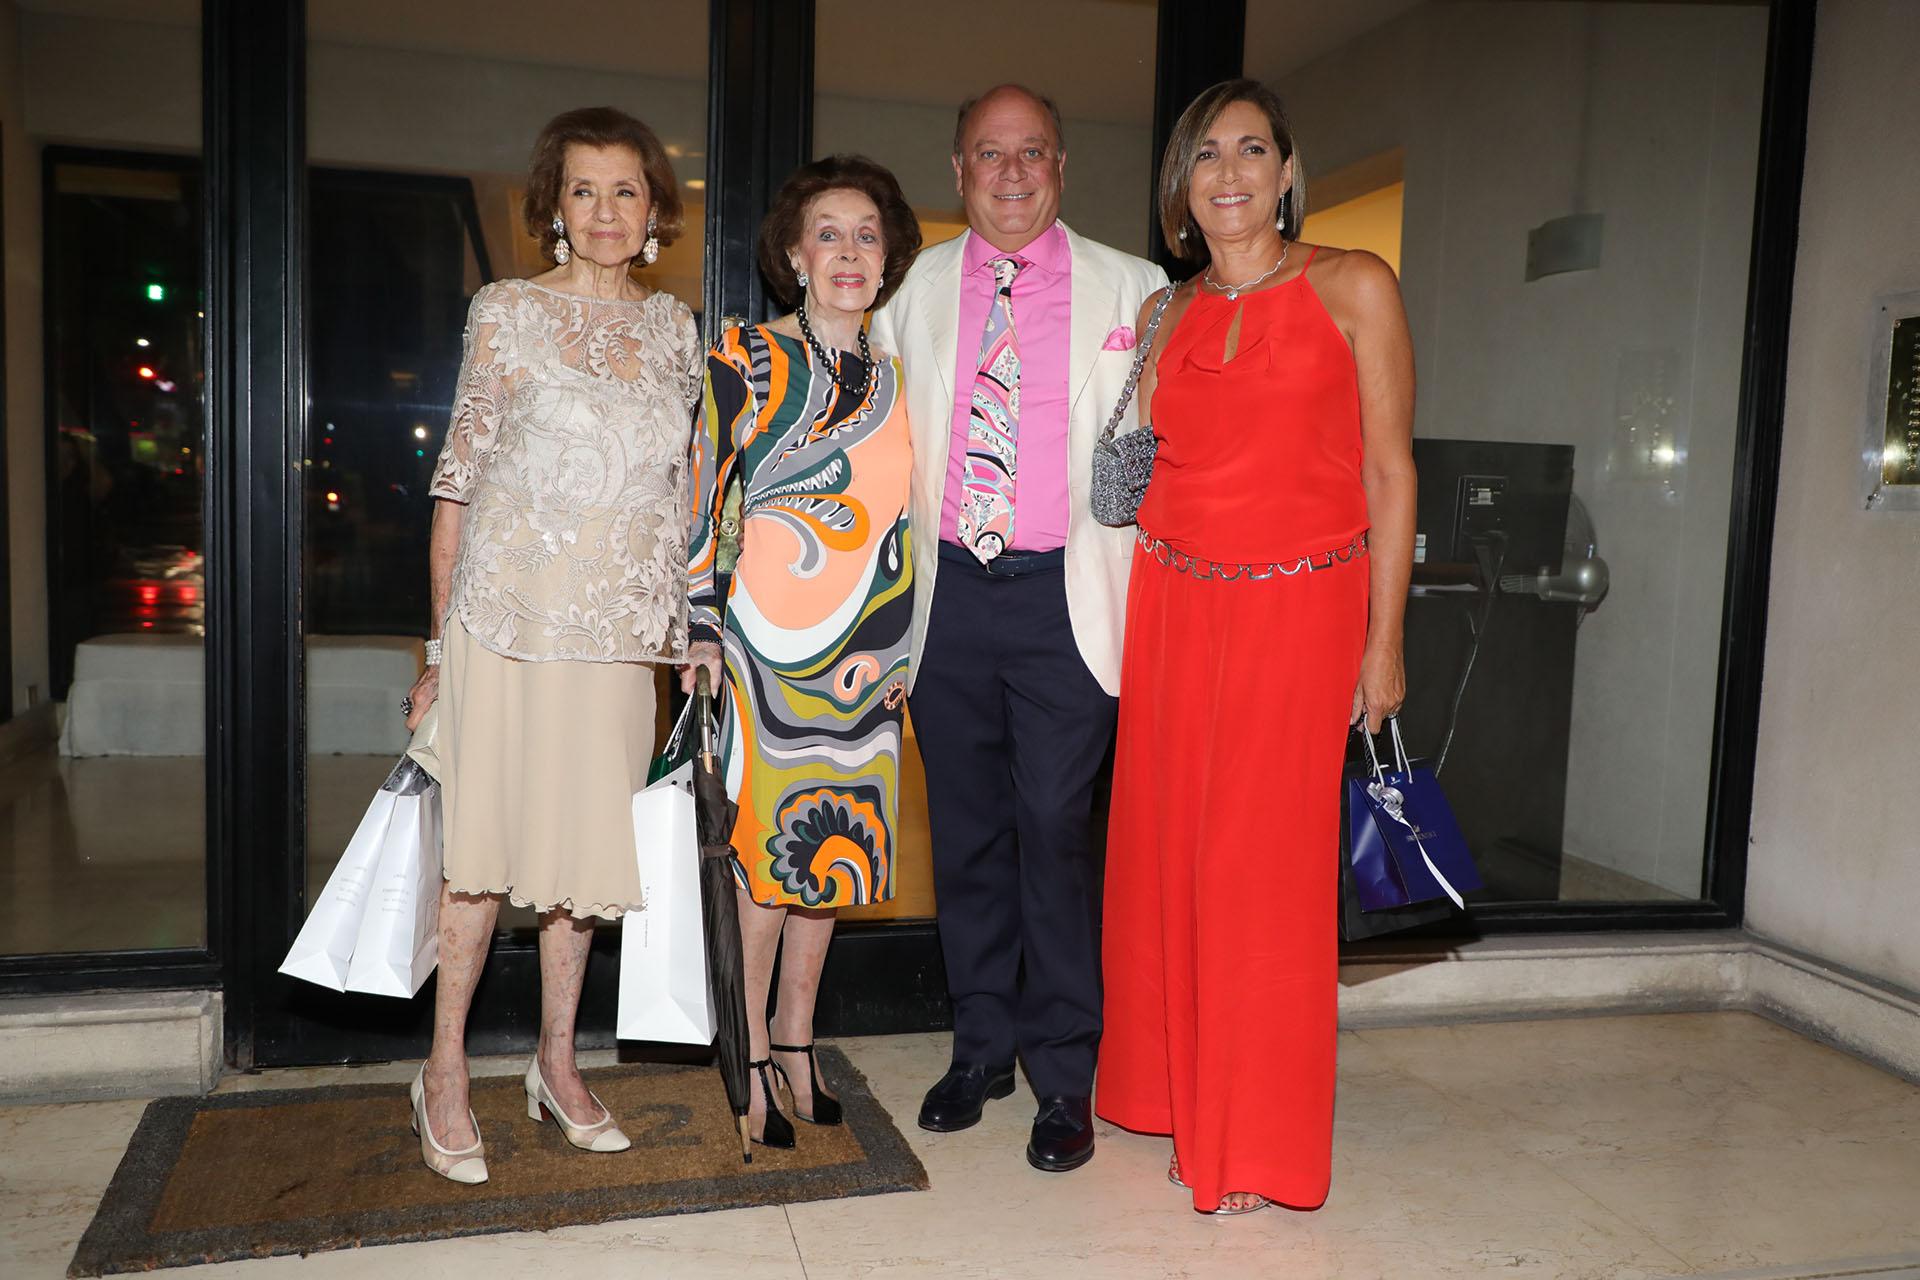 María Teresa Villarroel, Susana Reta, Martín Cabrales y Dora Sánchez